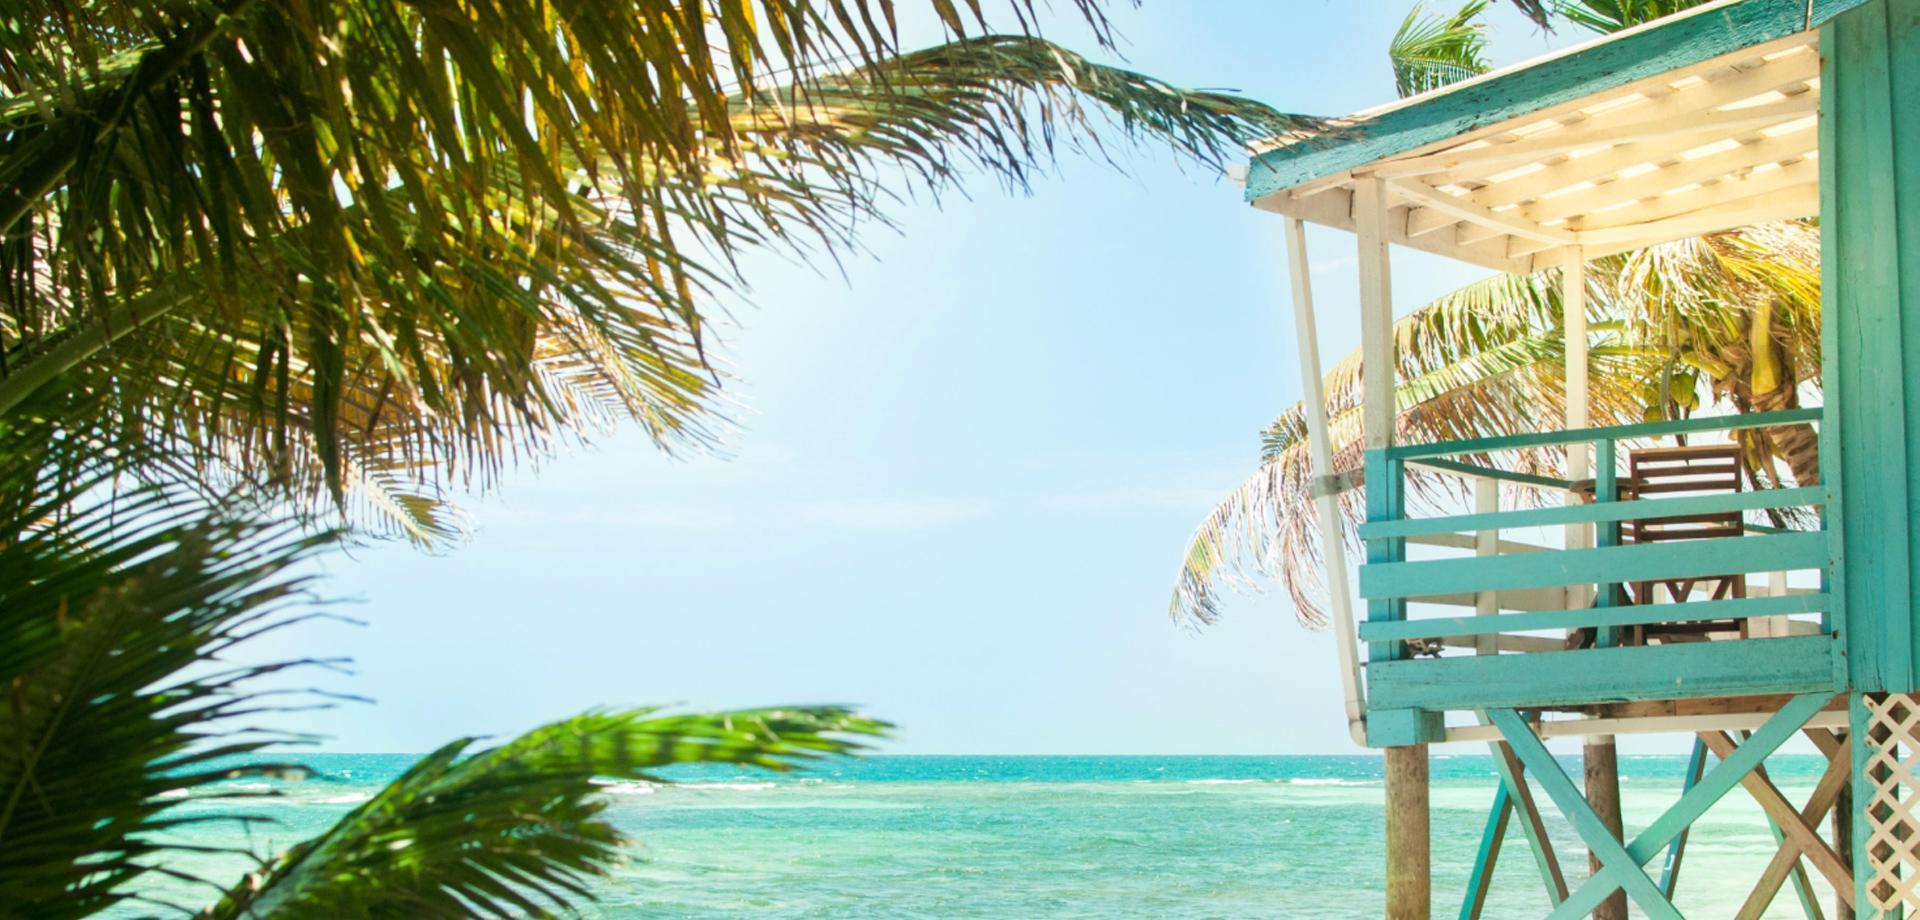 Ponen a la venta en Ebay una isla paradisiaca. ¿Cuánto cuesta?